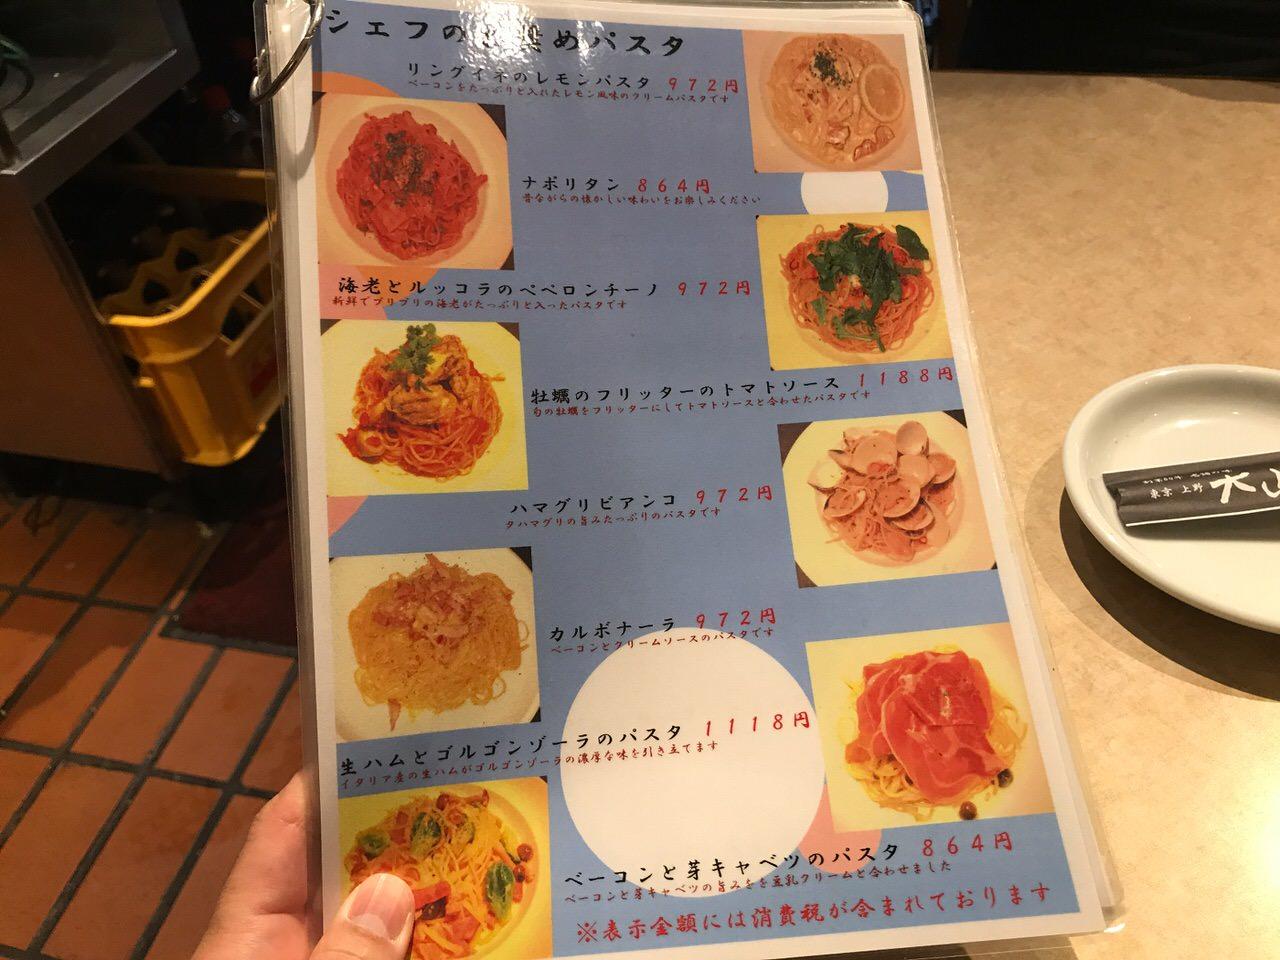 Ooyama 0109170746